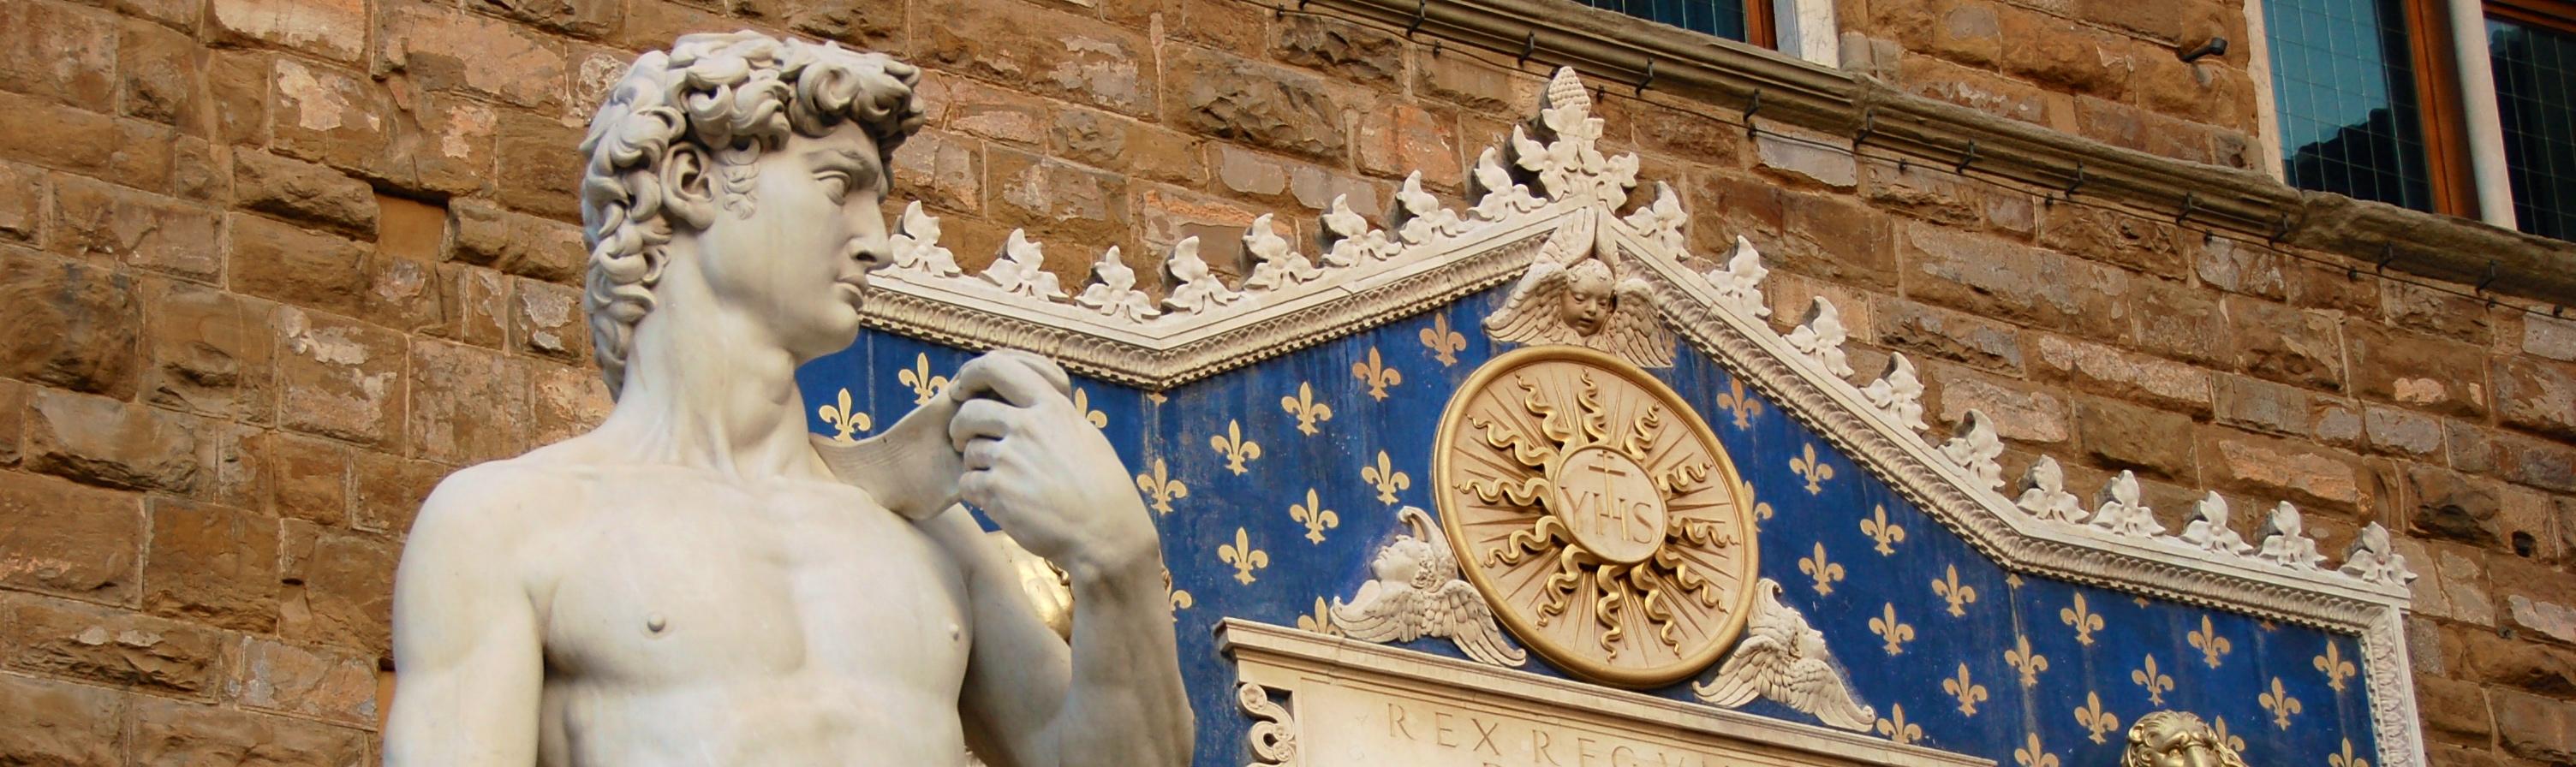 David de Miguel Angel, Florencia